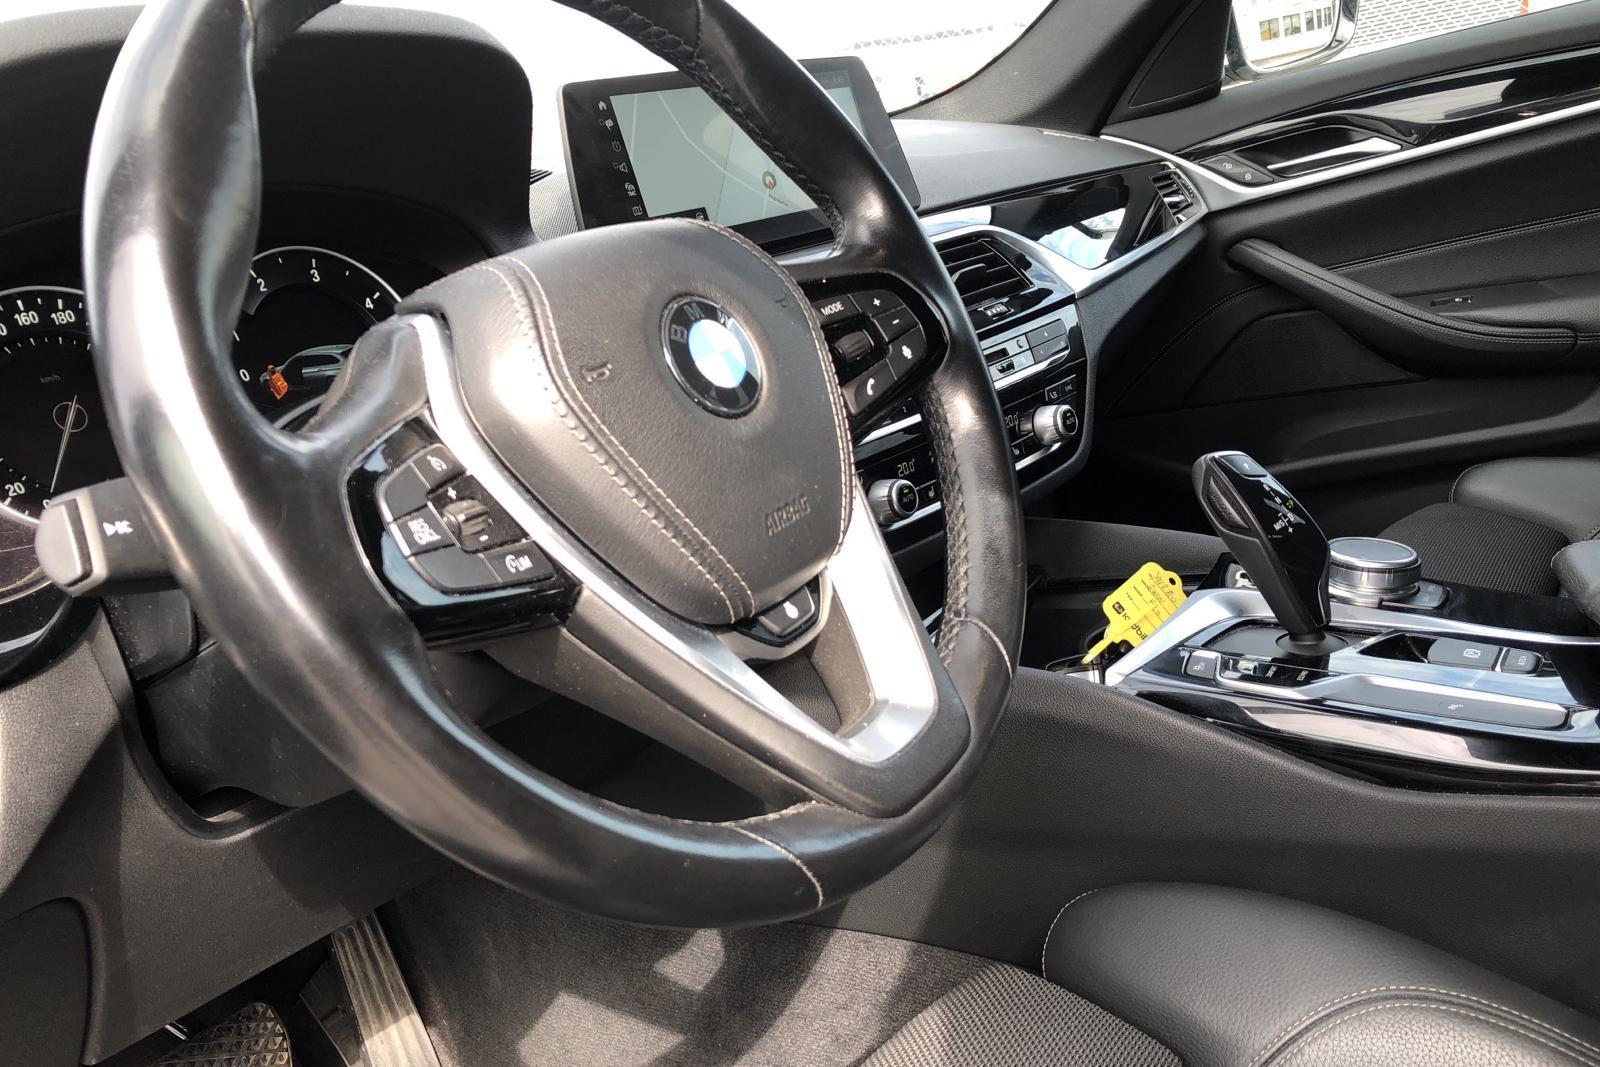 BMW 520d xDrive Touring, G31 (190hk) - 104 240 km - Automatic - white - 2018